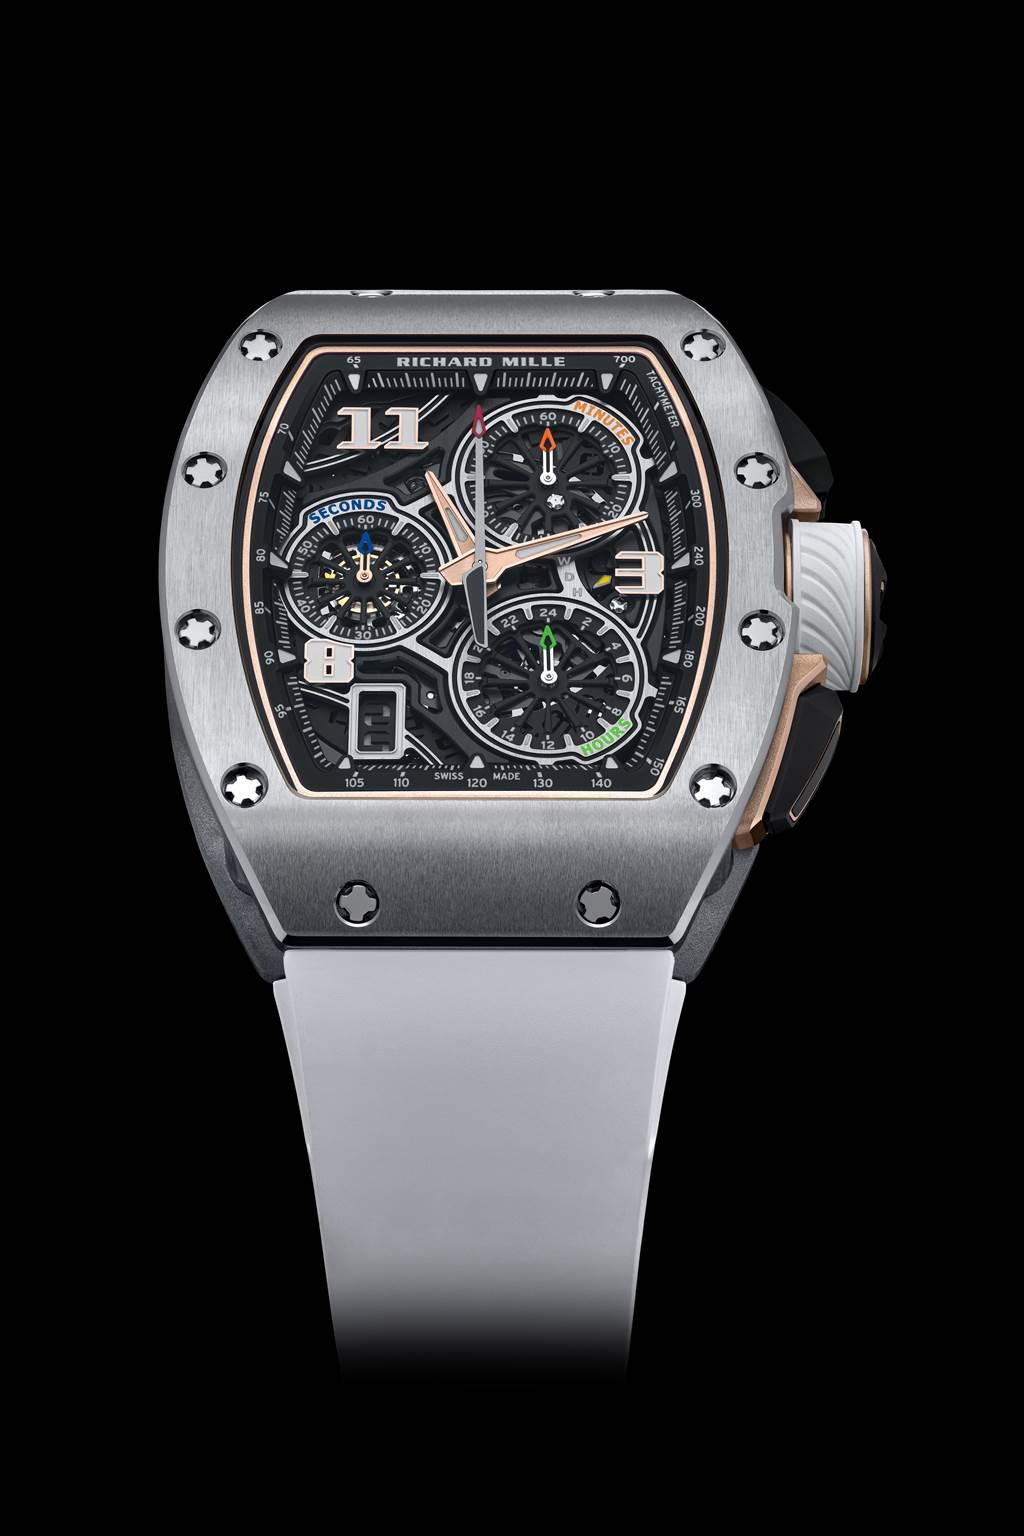 RM 72-01鈦合金錶殼款式/RICHARD MILLE提供